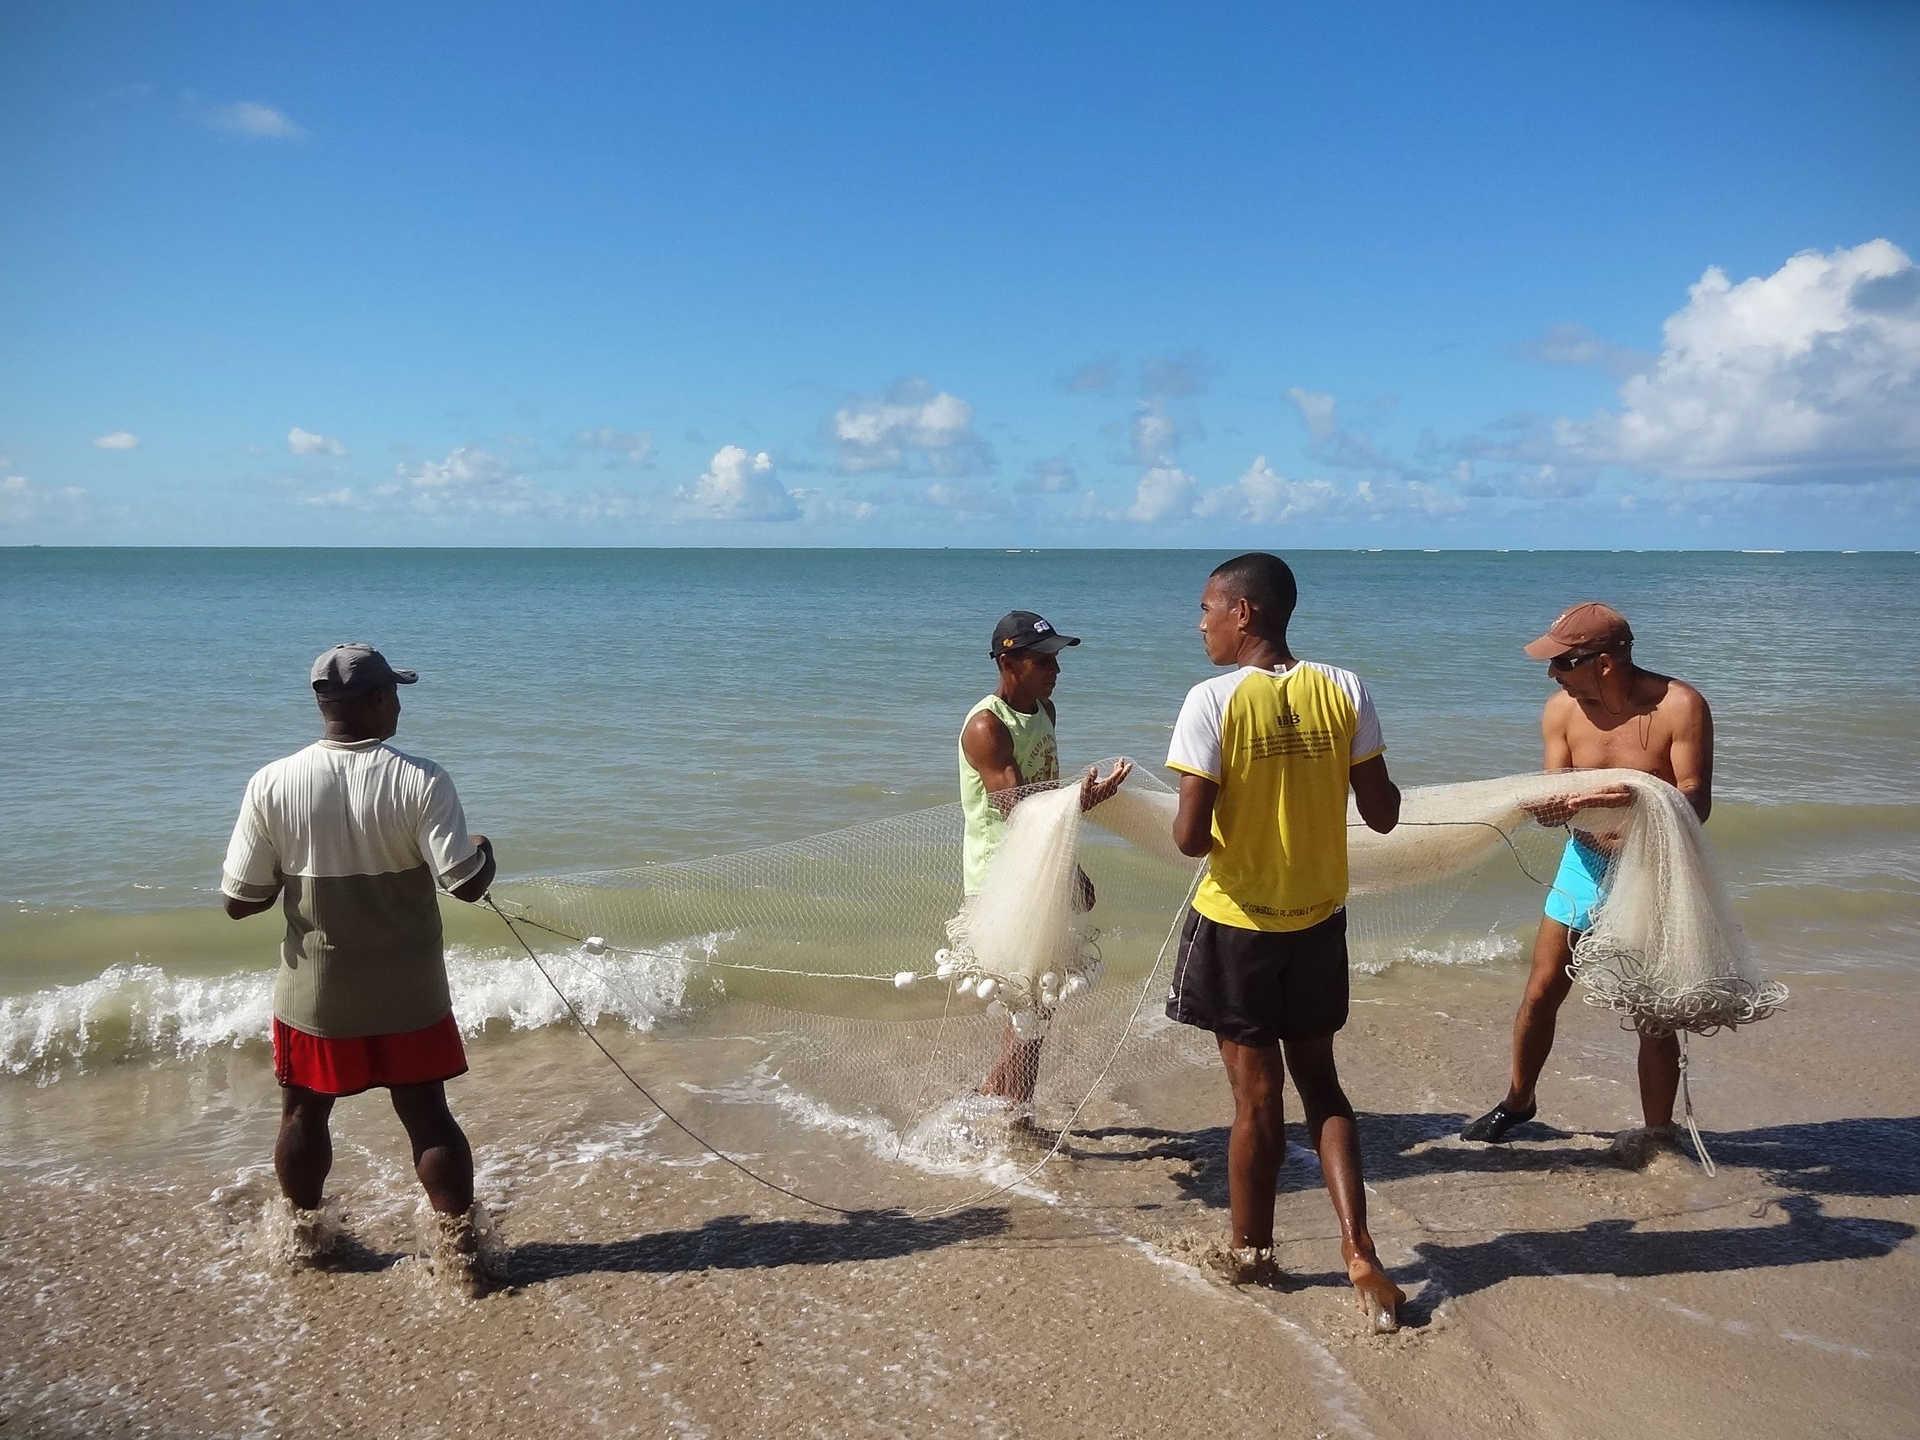 Rencontre avec les pêcheurs sur l'île de Boipeba